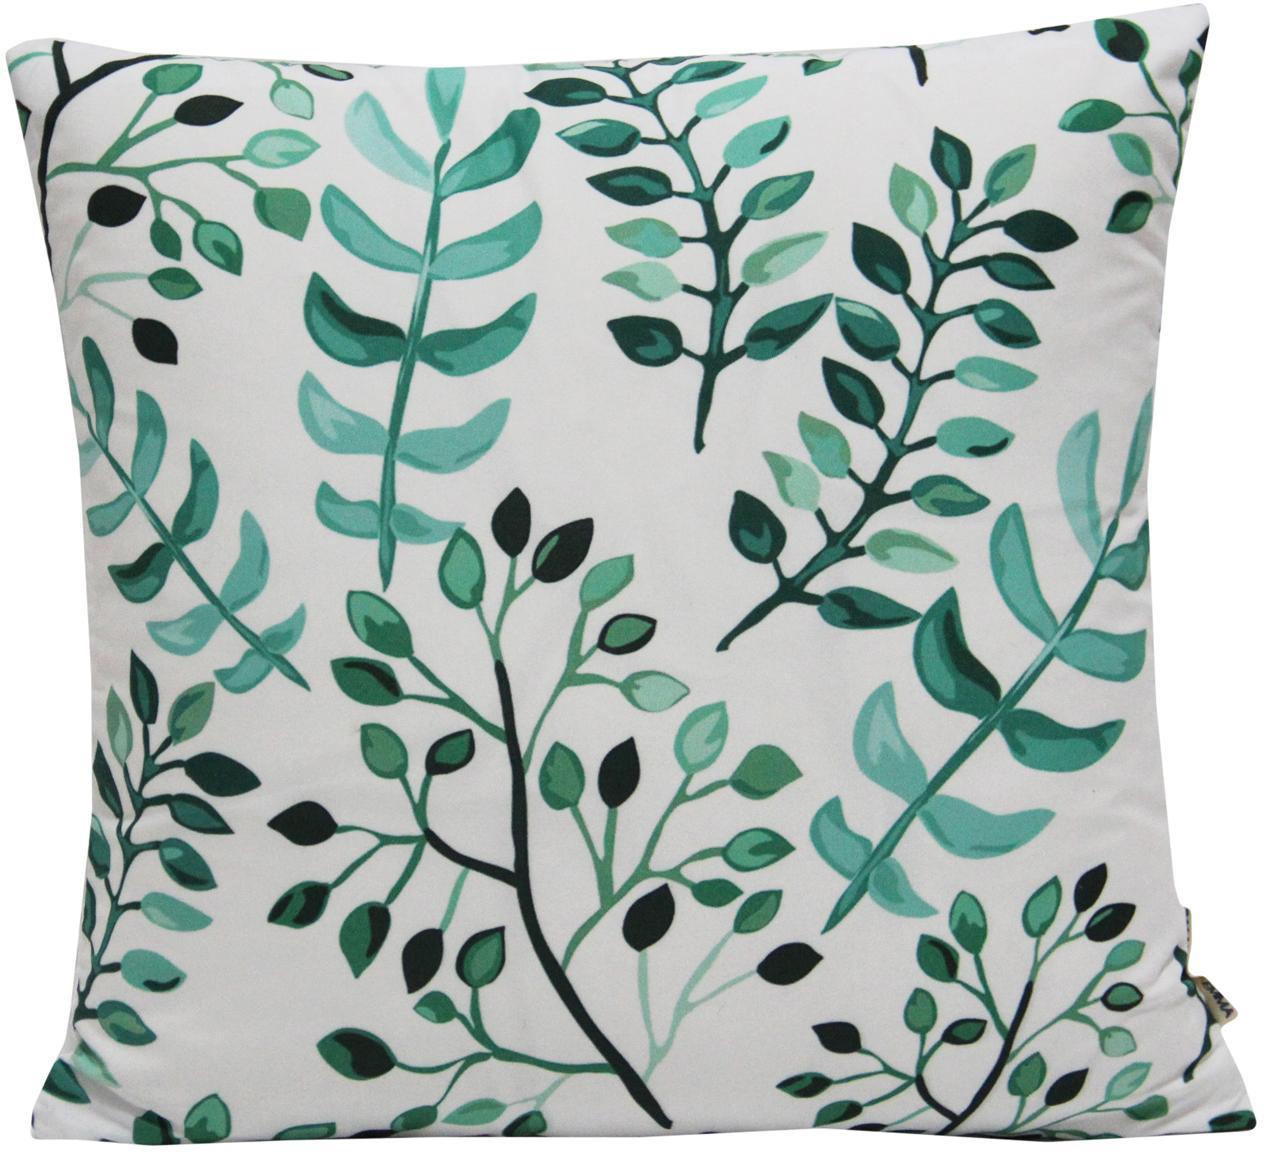 Funda de cojín Leaves, Poliéster, Blanco, tonos verdes, An 40 x L 40 cm